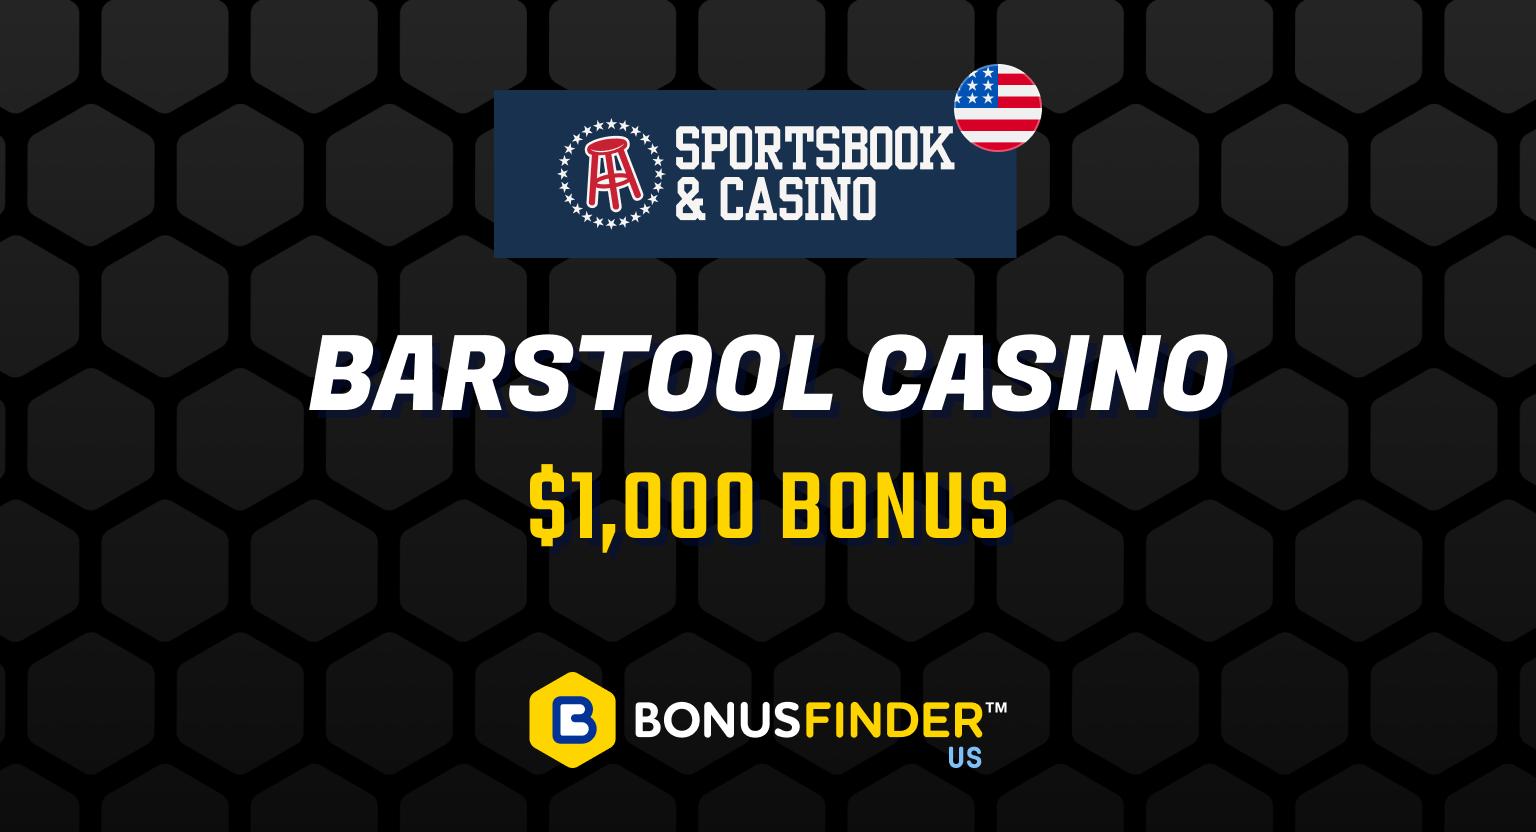 Barstool Casino